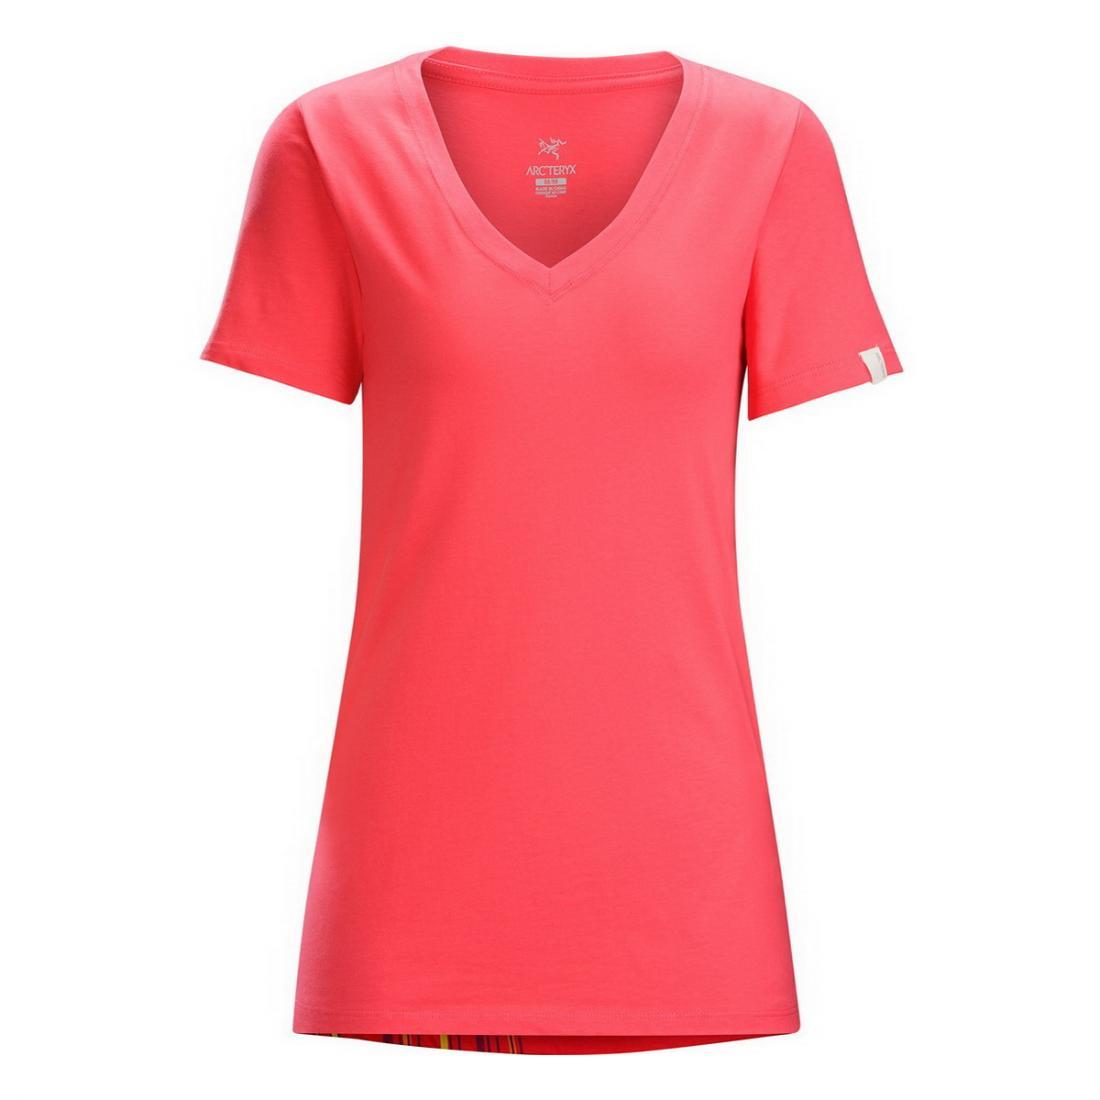 Футболка Bird Trio SS T-Shirt жен.Футболки, поло<br><br> Женская футболка Arcteryx Bird Trio с принтом, расположенным на плече и круглым вырезом изготовлена из натурального хлопка. Этот легкий, гигиен...<br><br>Цвет: Розовый<br>Размер: S